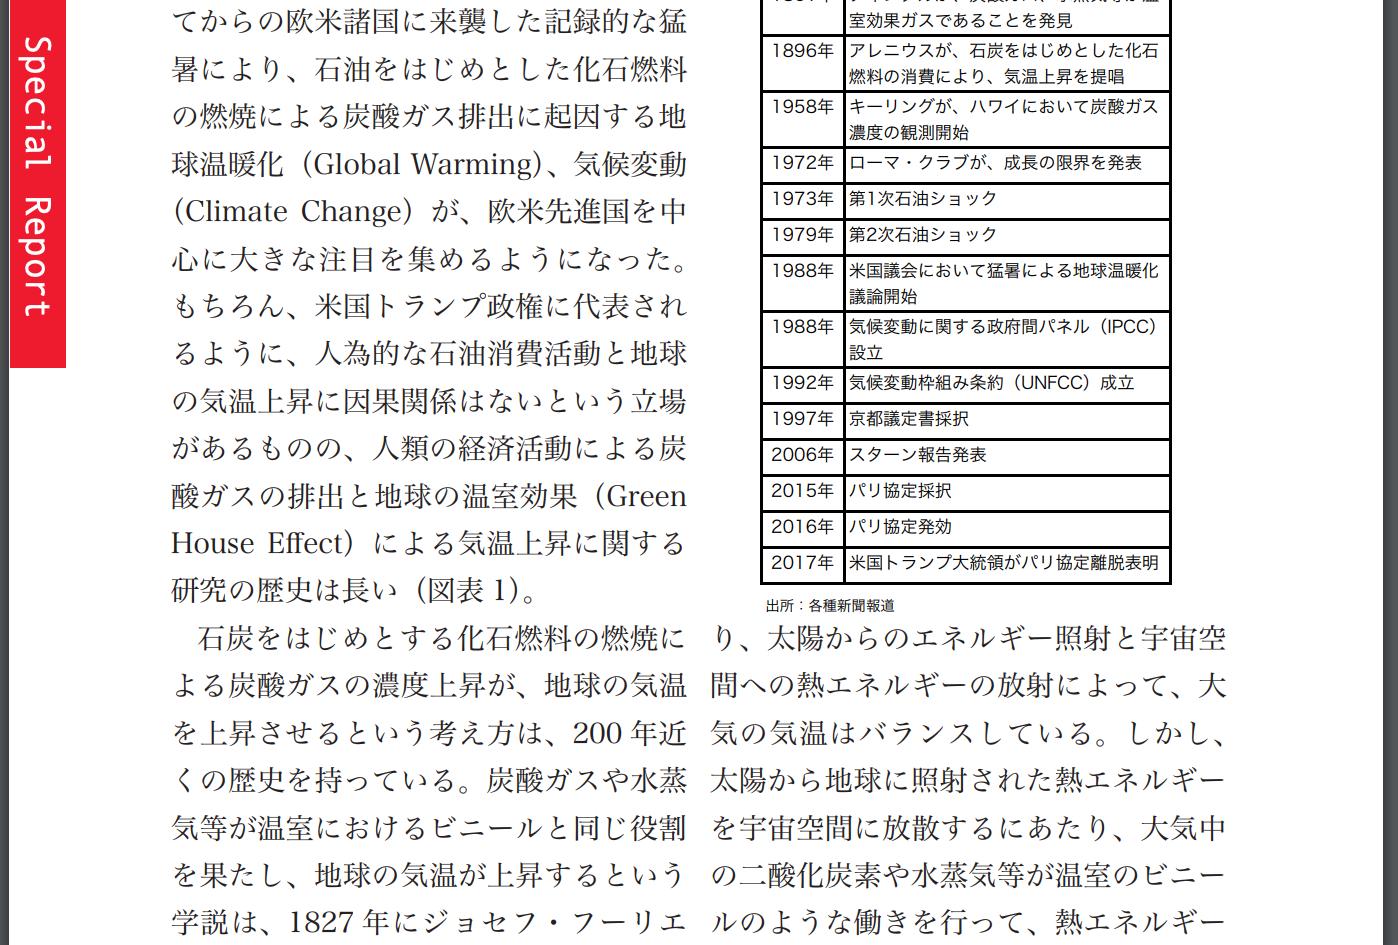 週刊オイル・リポート 3ページ